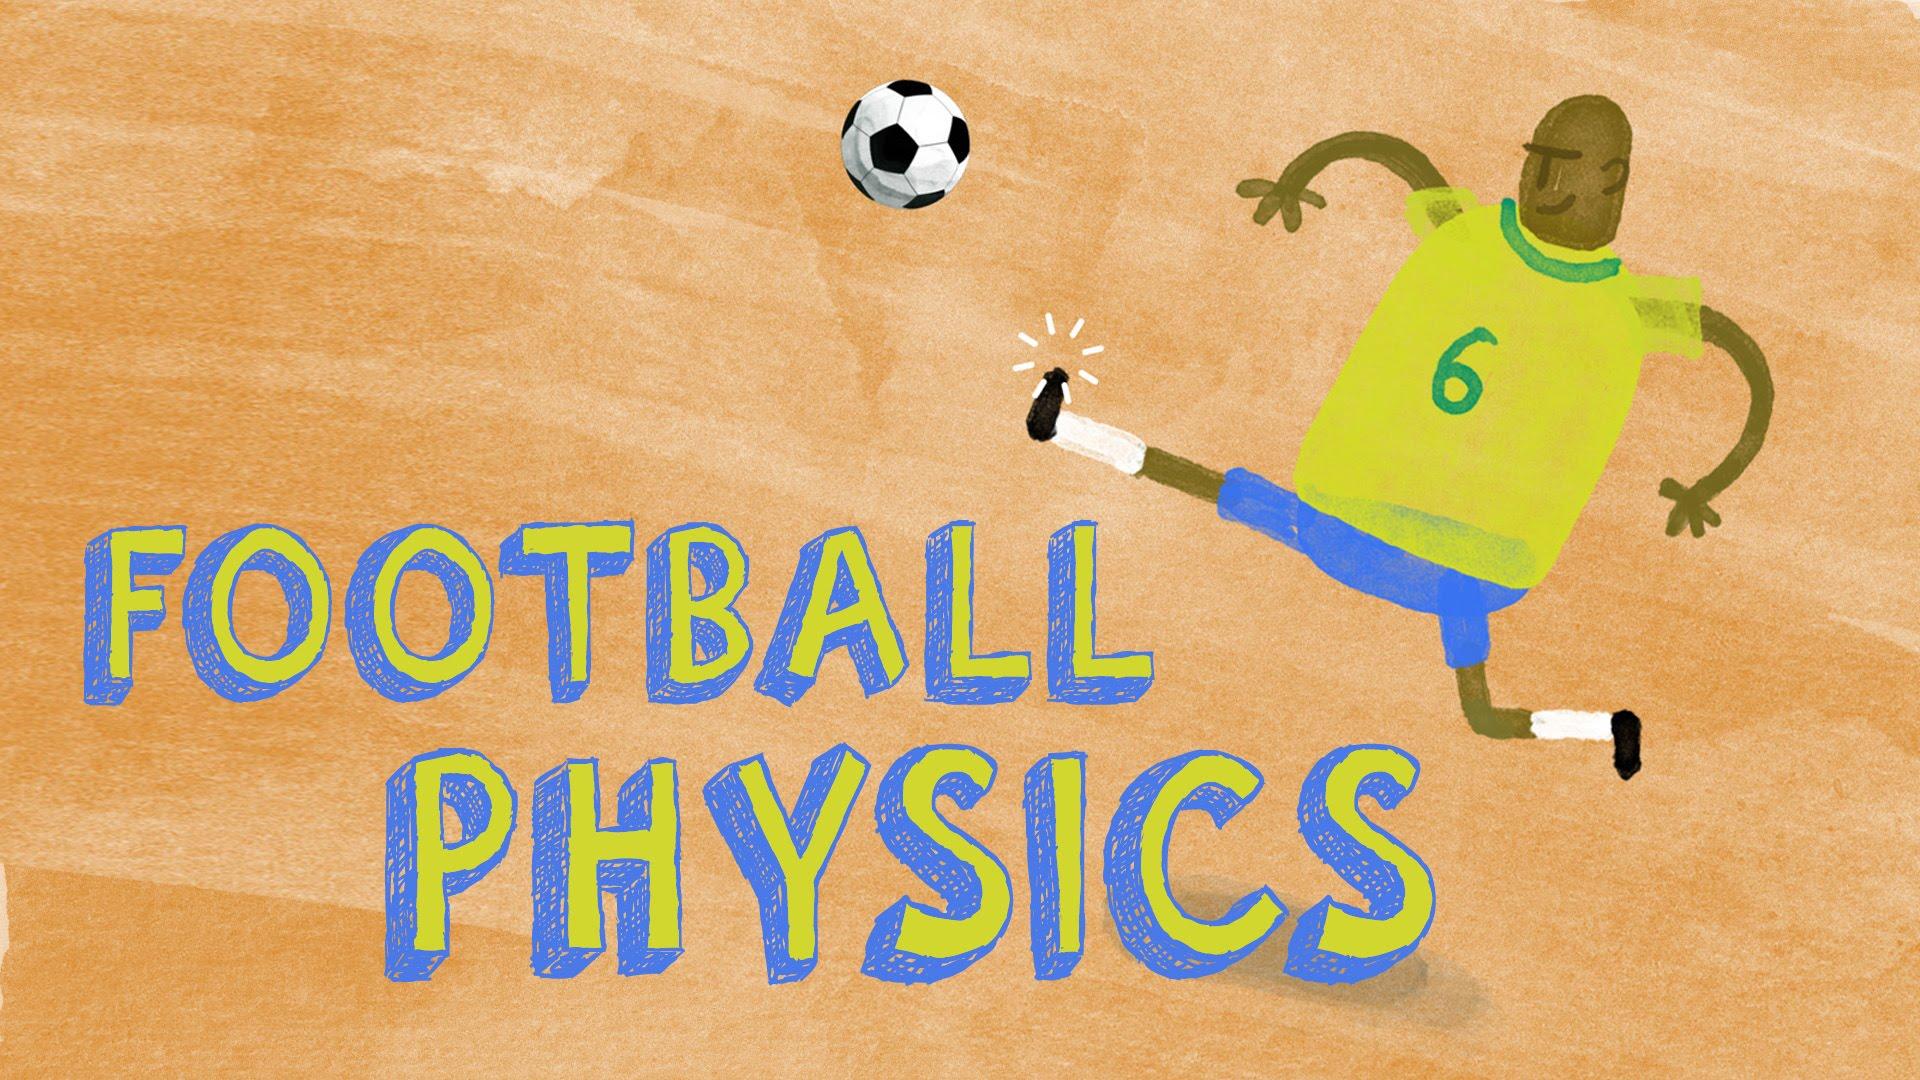 ΟΦΗ πλατανιασ: Το φάουλ του Ρομπέρτο Κάρλος και οι νόμοι της φυσικής